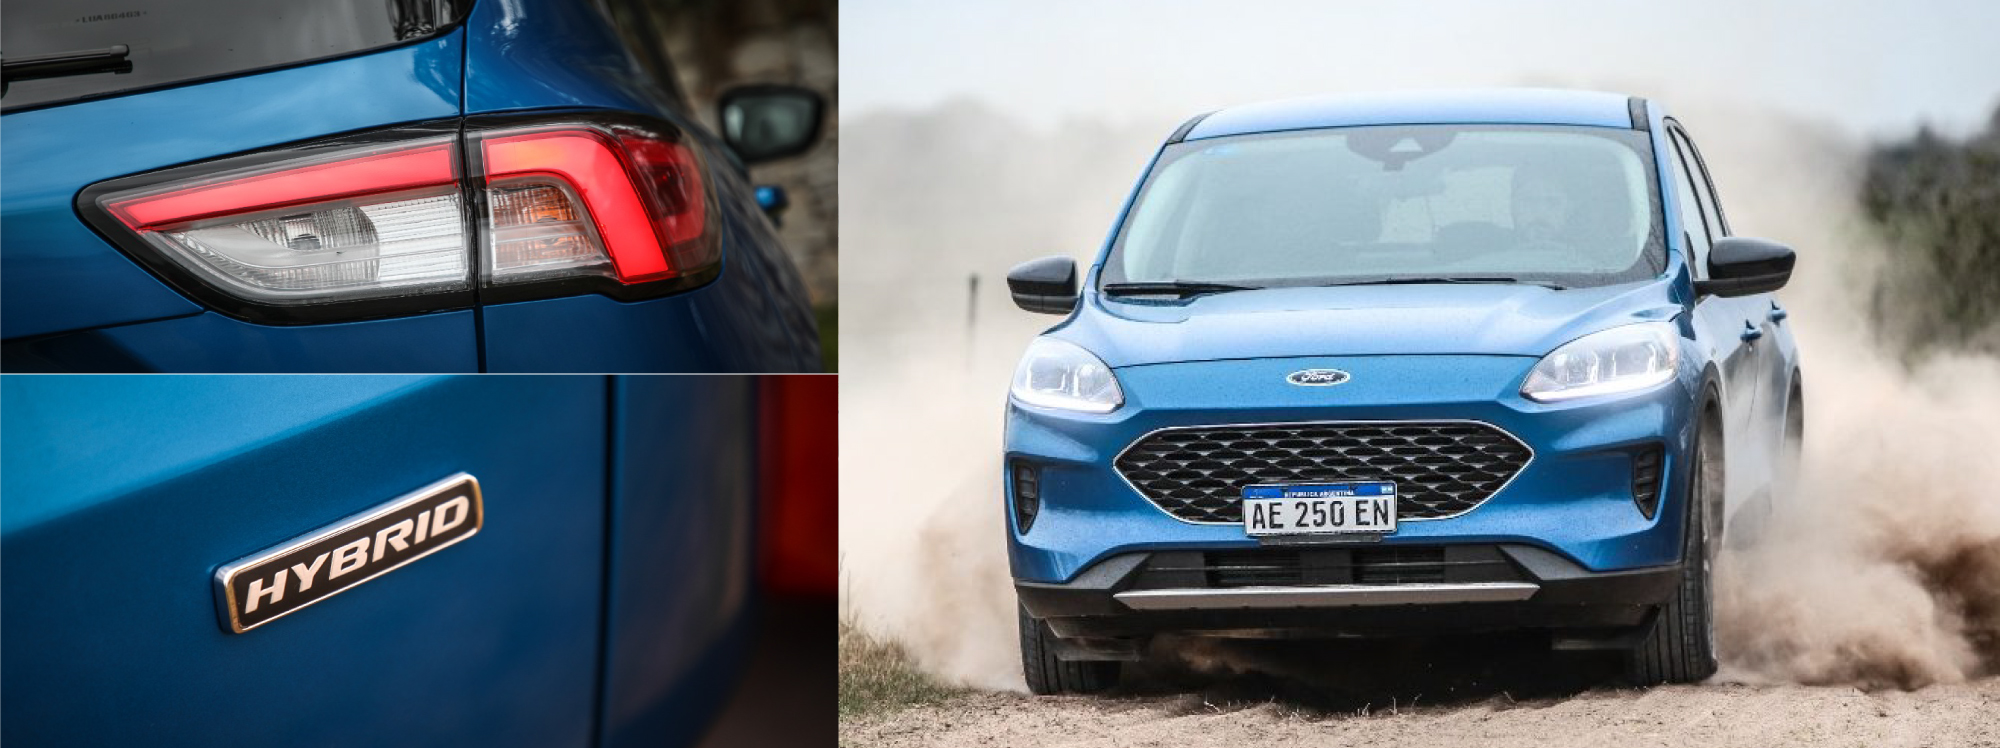 Ford Kuga: cuánto anda y consume el SUV híbrido